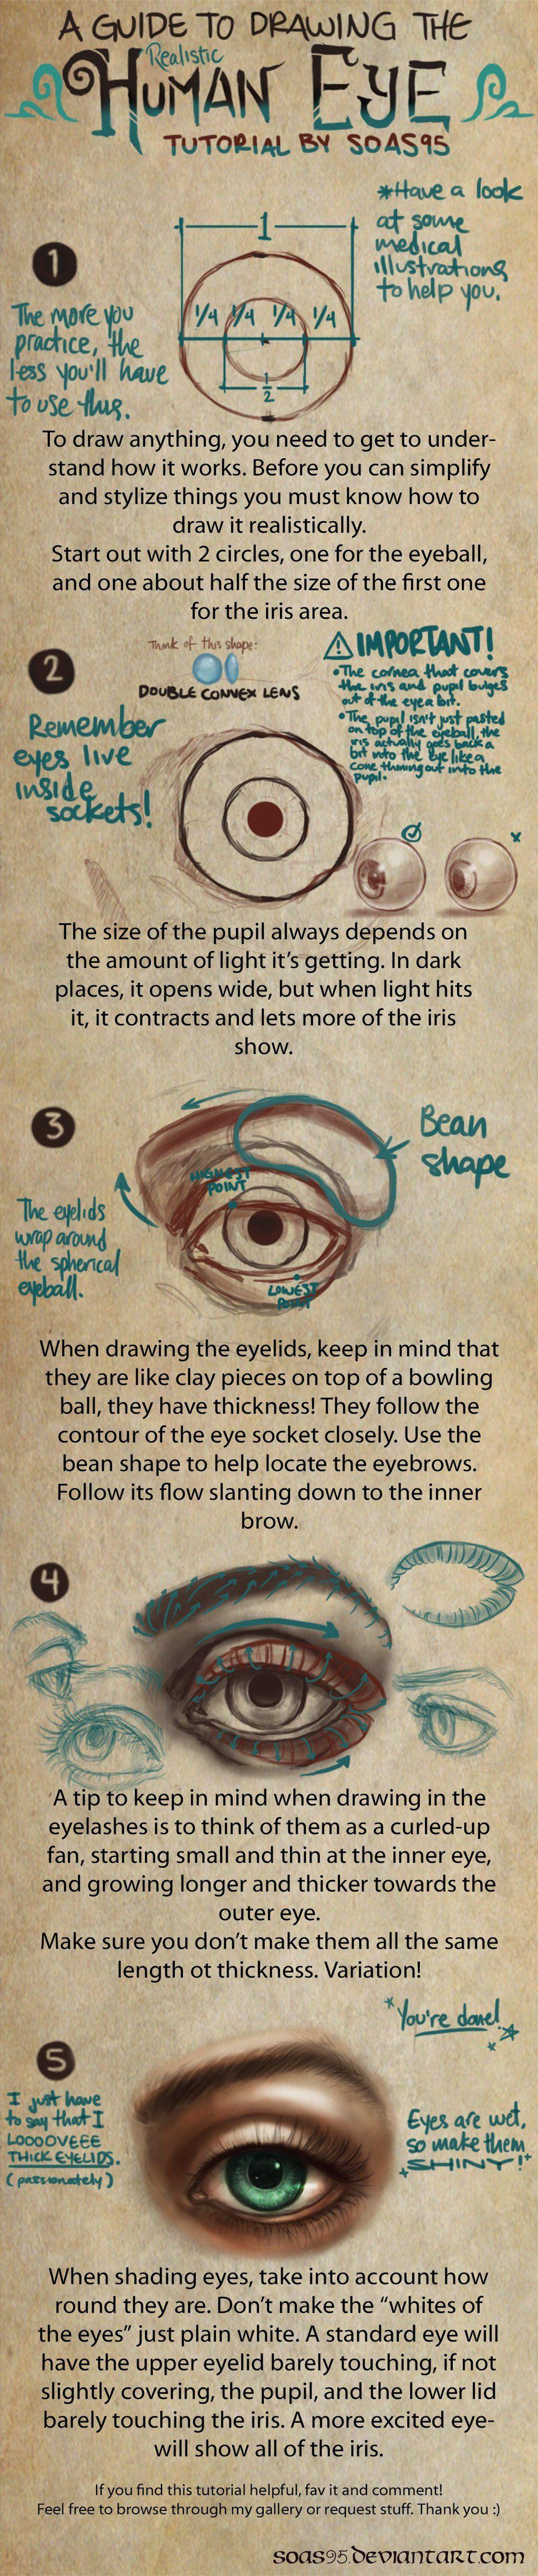 Human Eye Tutorial By Soas95iantart On Deviantart